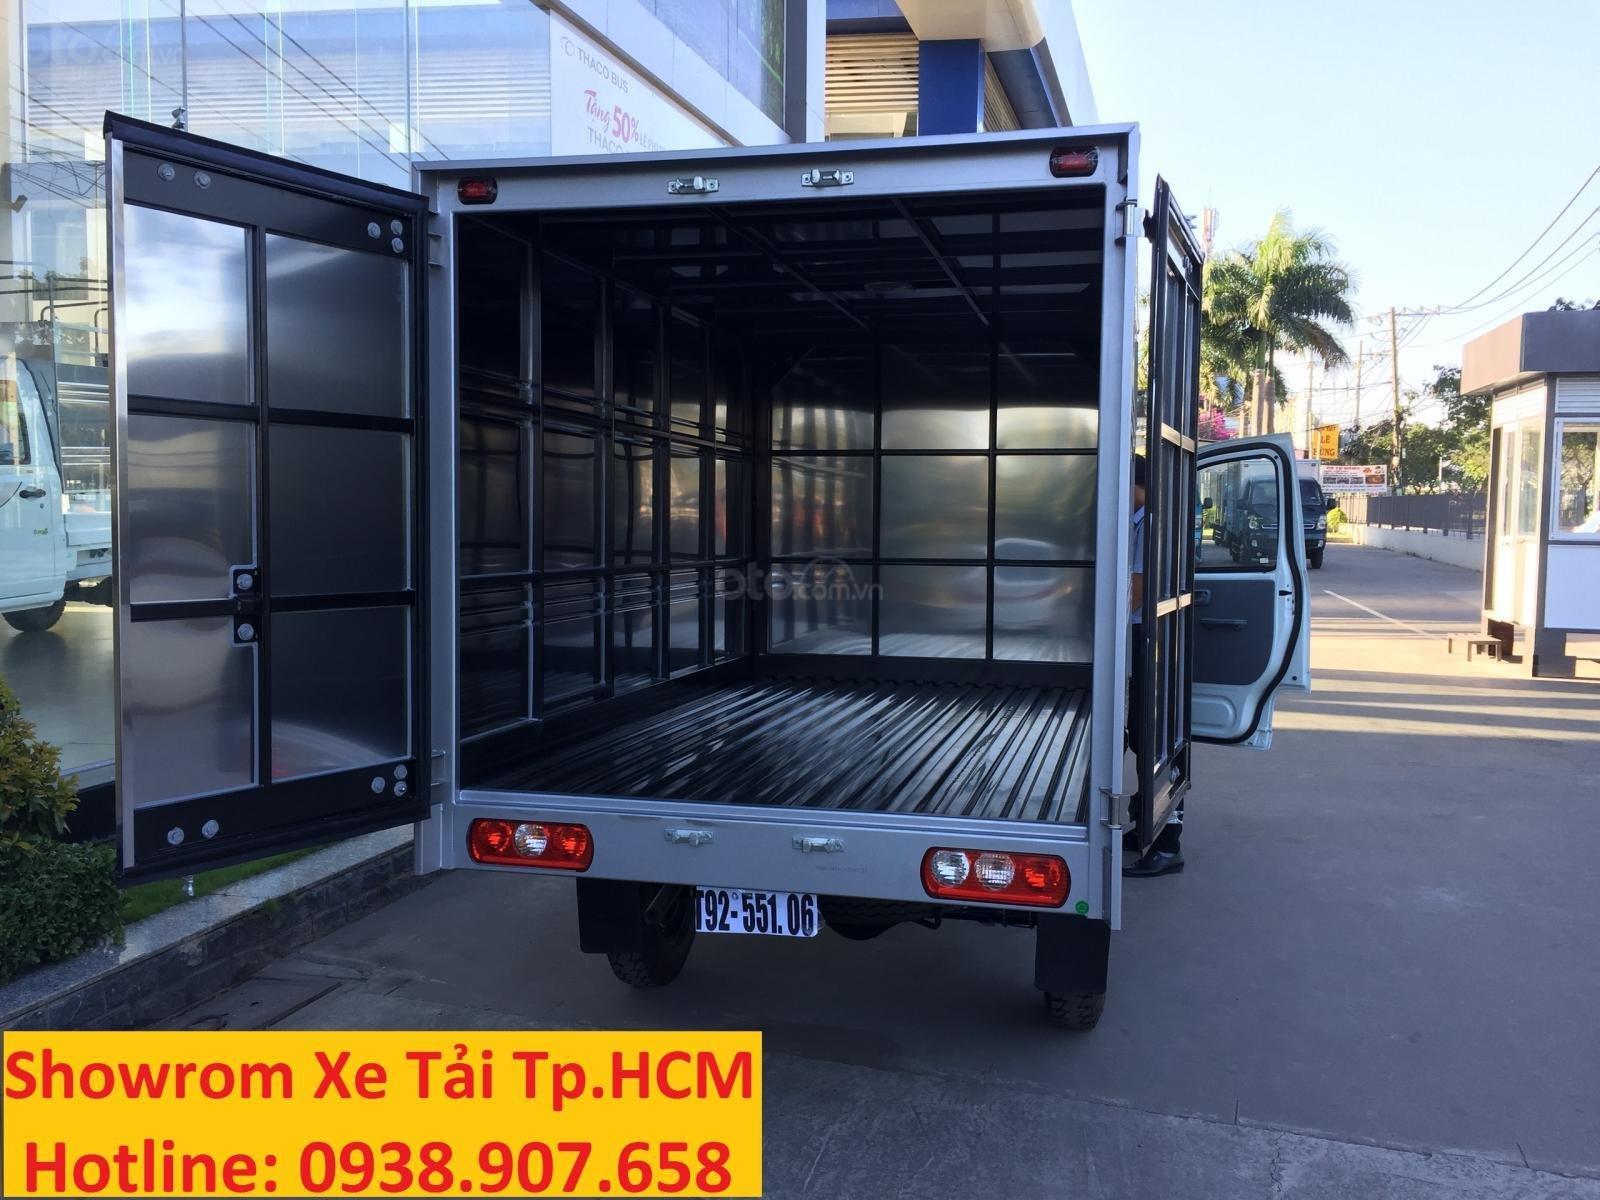 Bán xe tải Thaco Towner 990, tải trọng 990 kg, New 2019, khuyến mãi 100% trước bạ-5